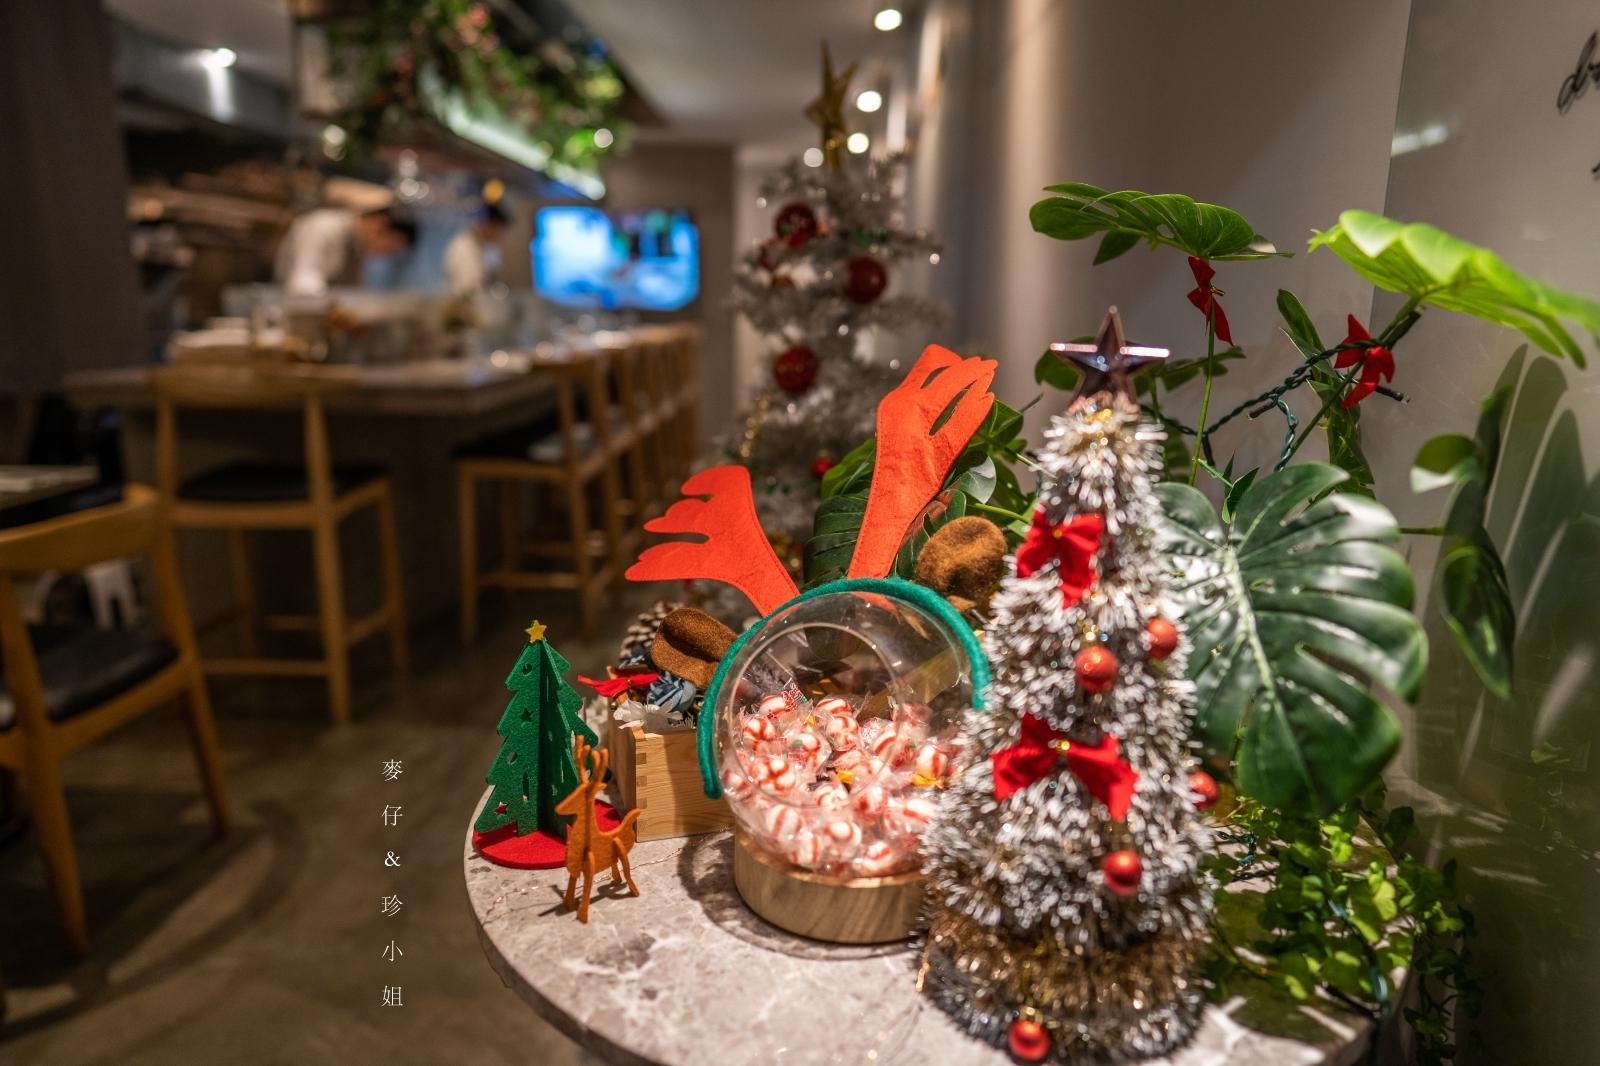 台北美食。十方長私廚Kitchen 10|今年聖誕節就選這了,隱匿巷弄中的低調私廚新一季冬季菜單美味度更高|威靈頓牛排、龍眼蜜鴨胸大推|仁愛圓環餐廳推薦